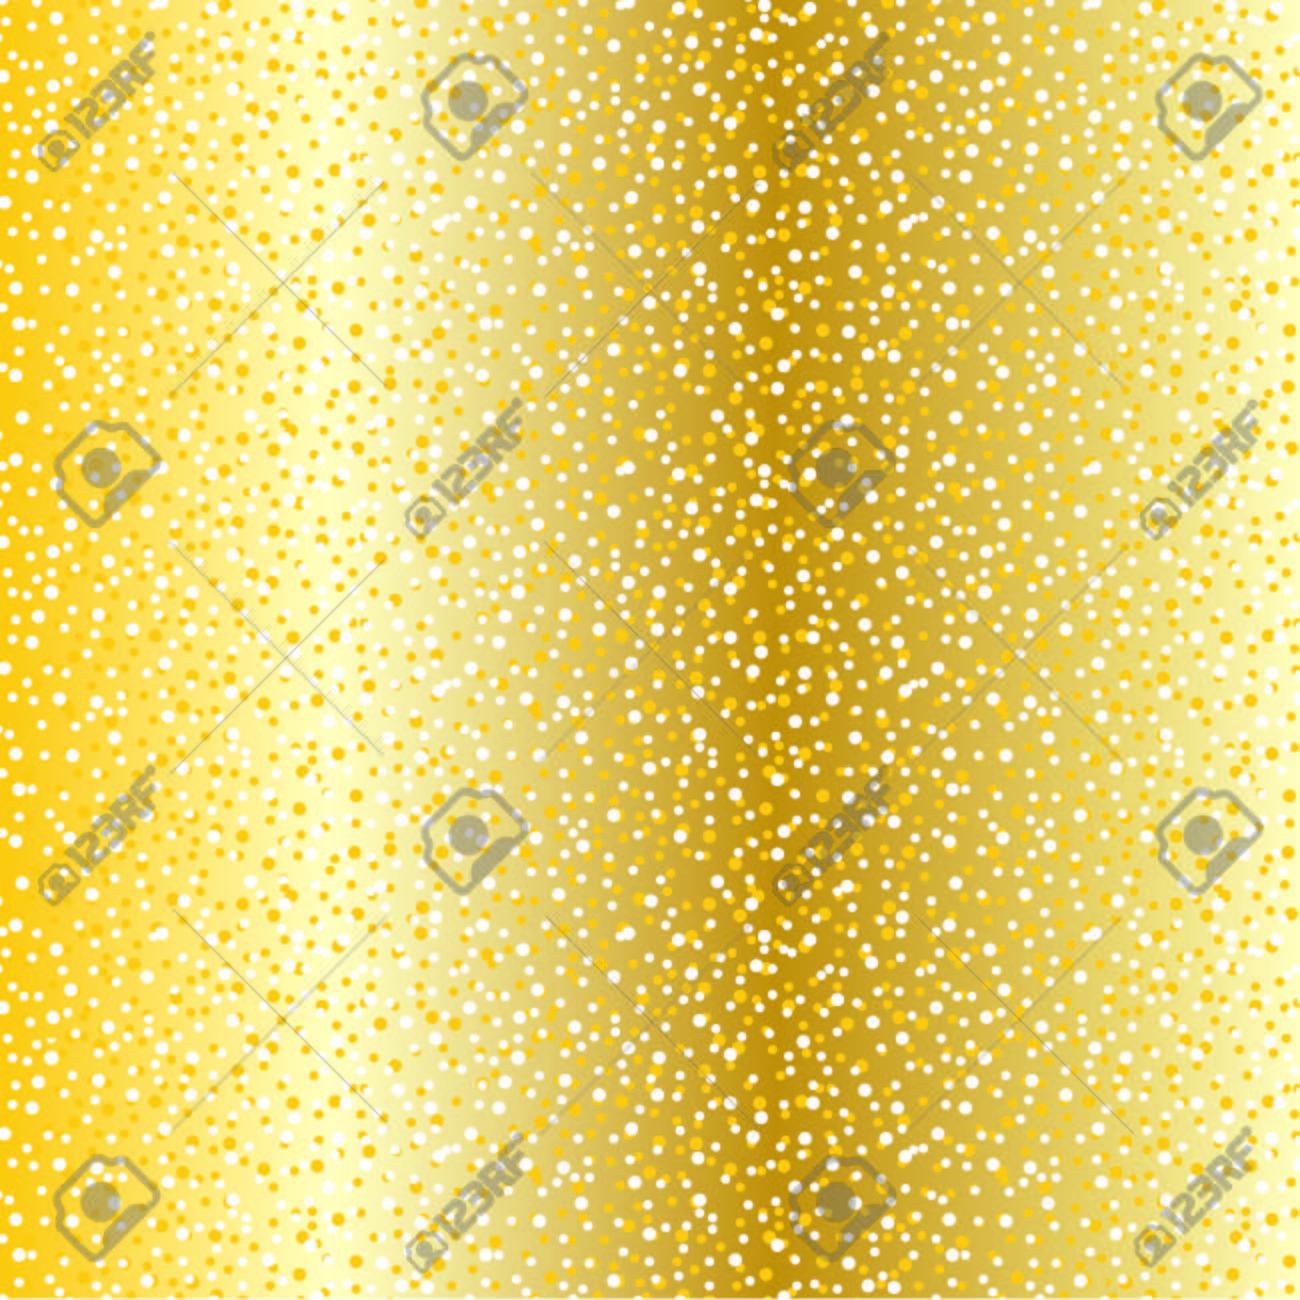 Gold glitter Texture - 35857768